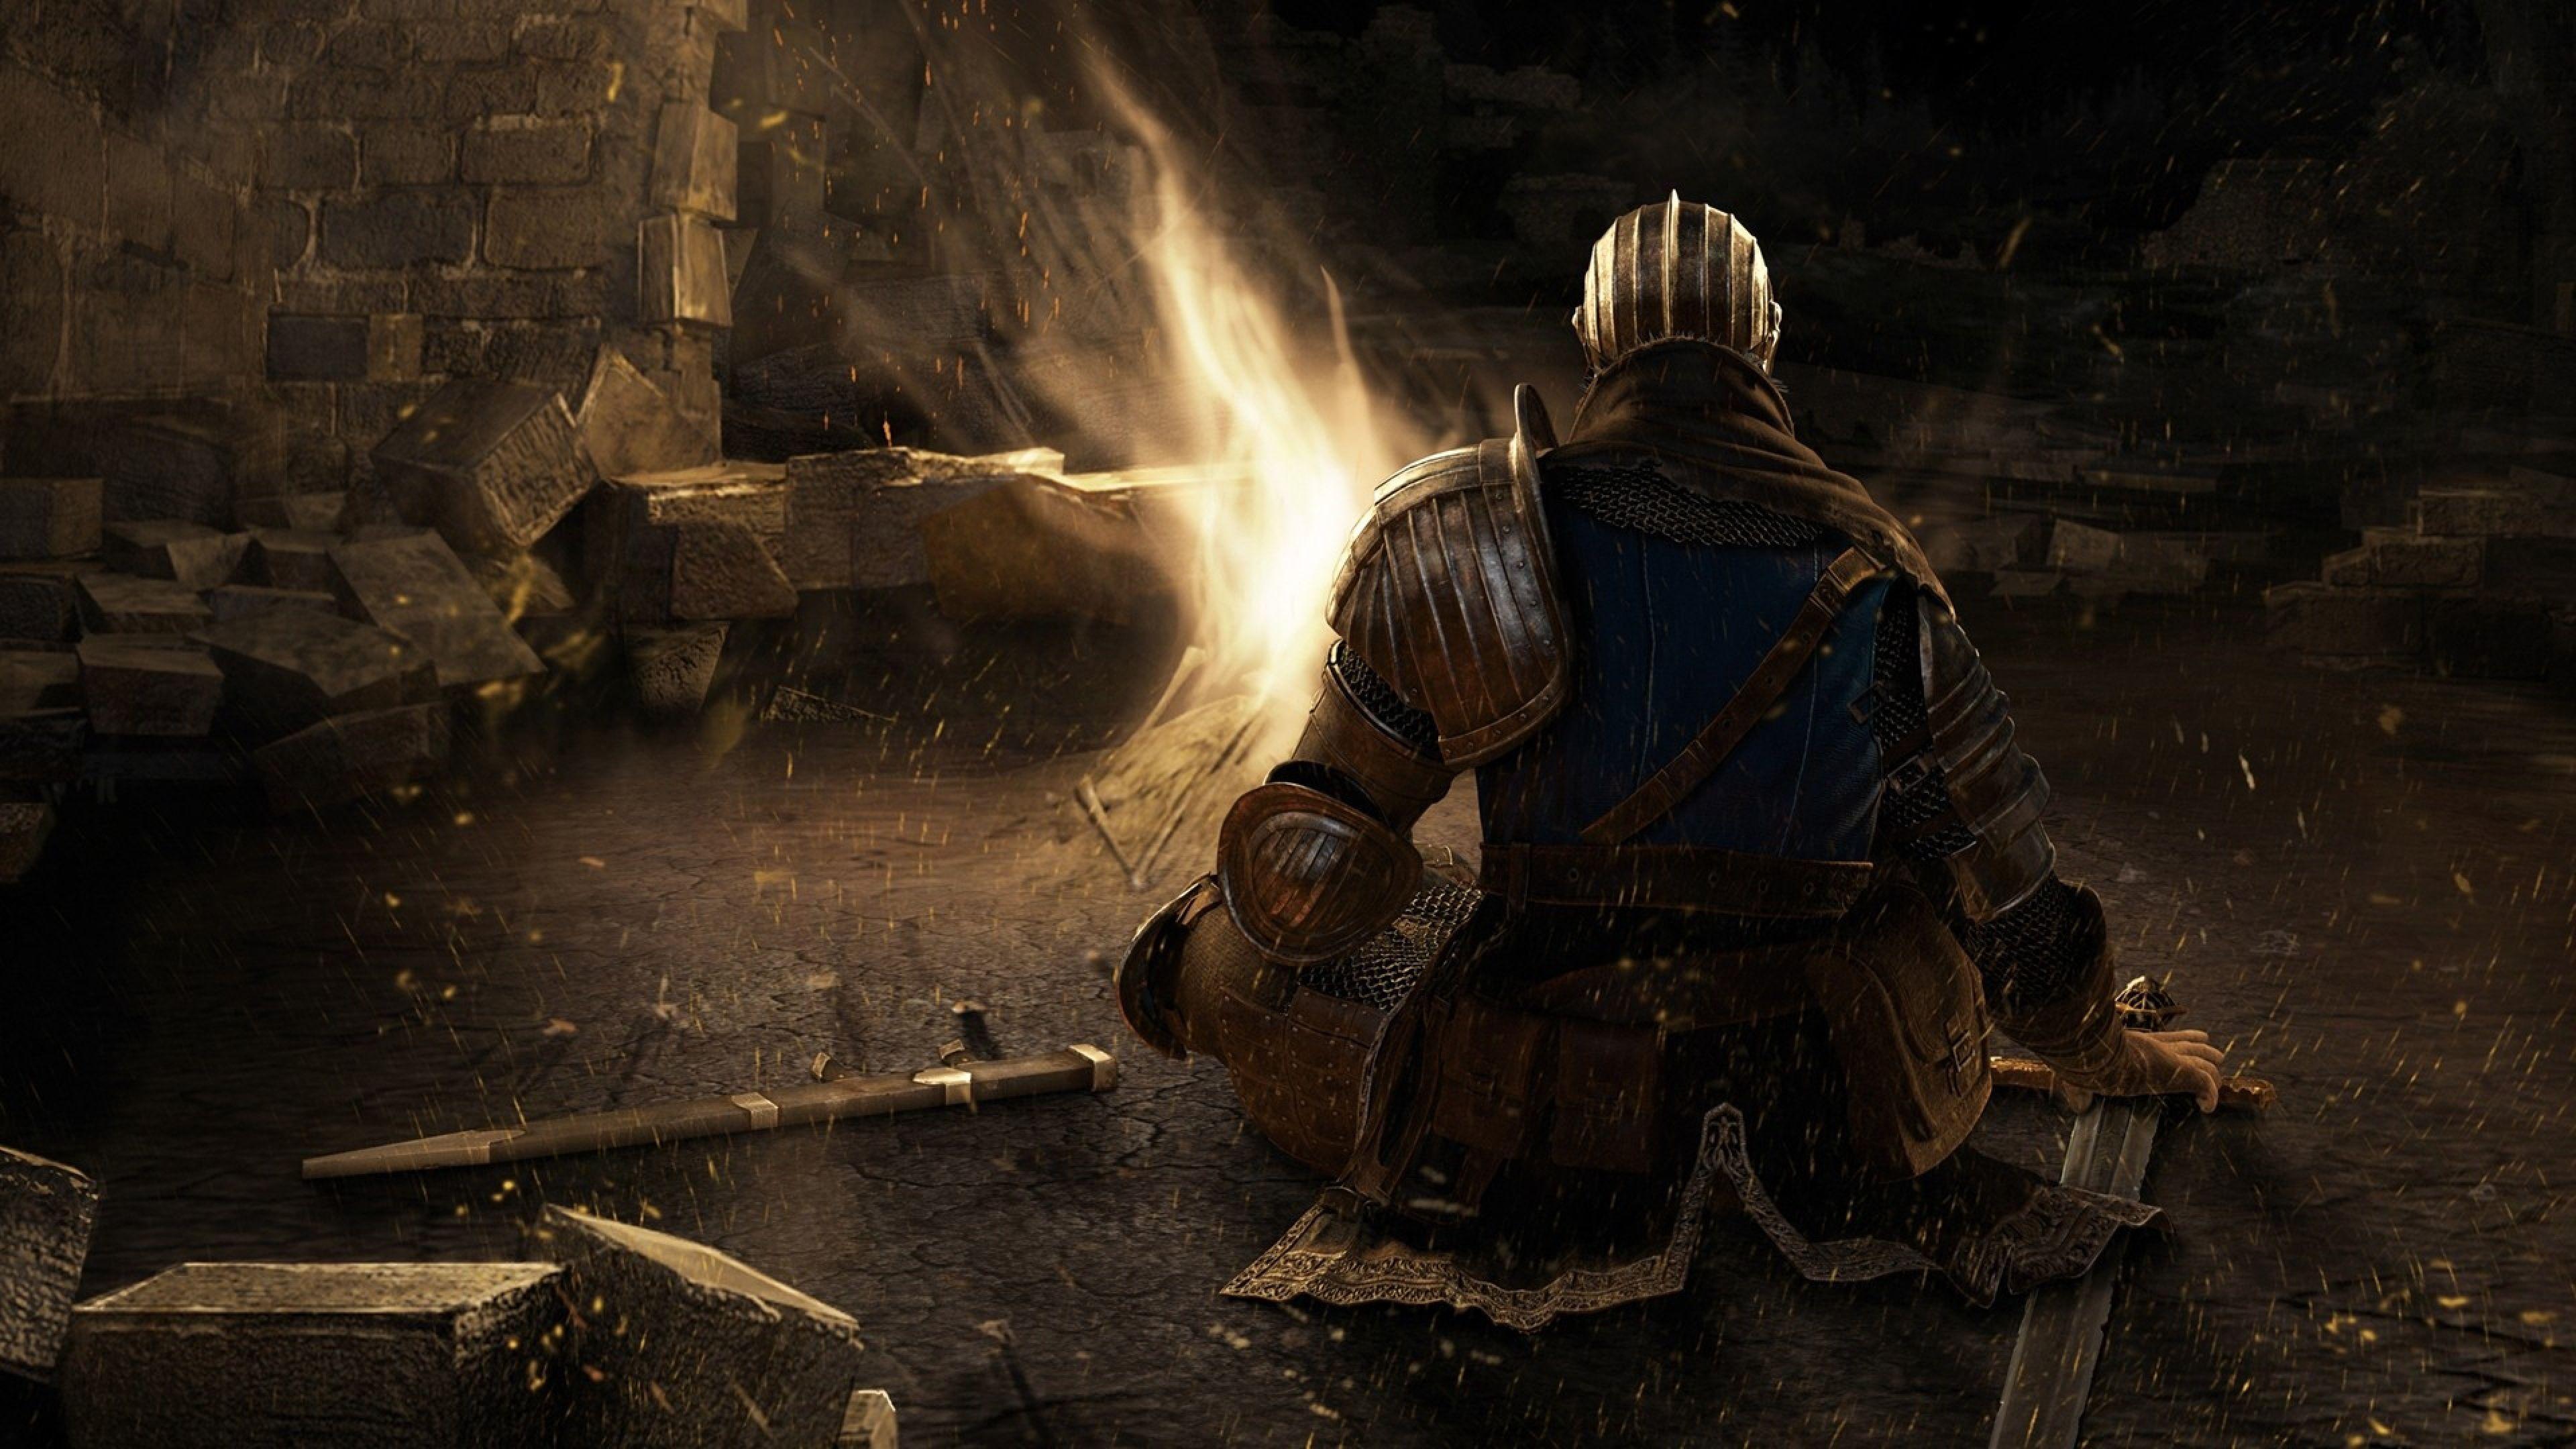 Dark Souls 4K Wallpapers - Top Free Dark Souls 4K ...